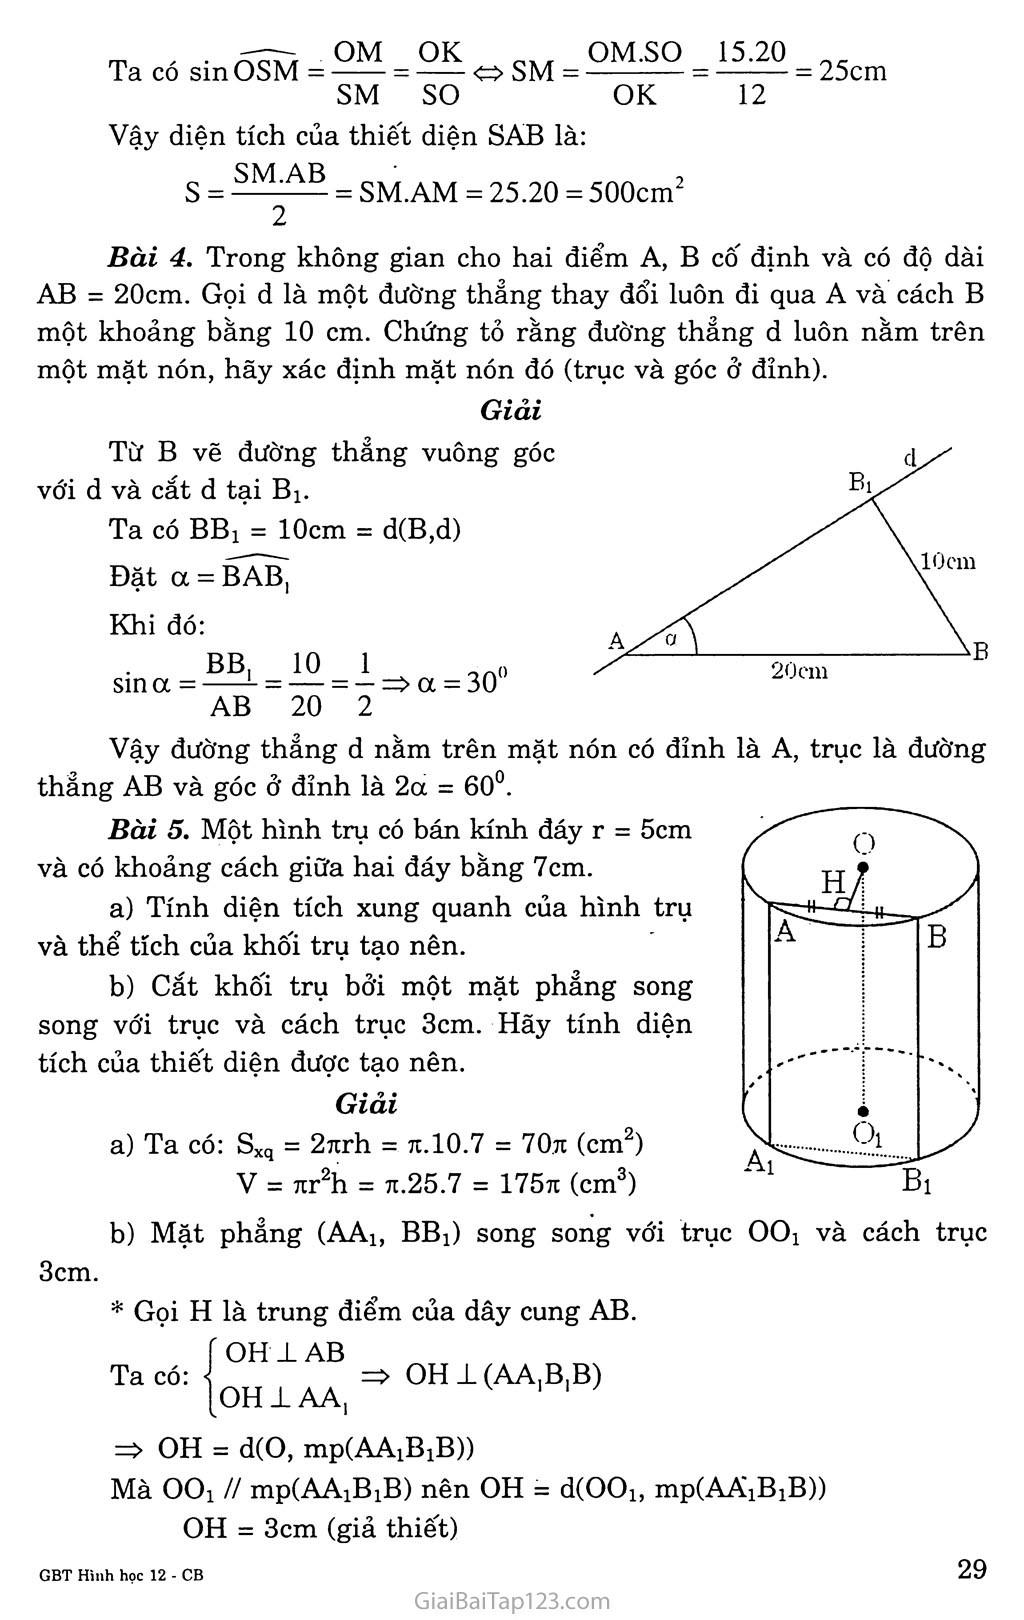 Bài 1. Khái niệm về mặt tròn xoay trang 4